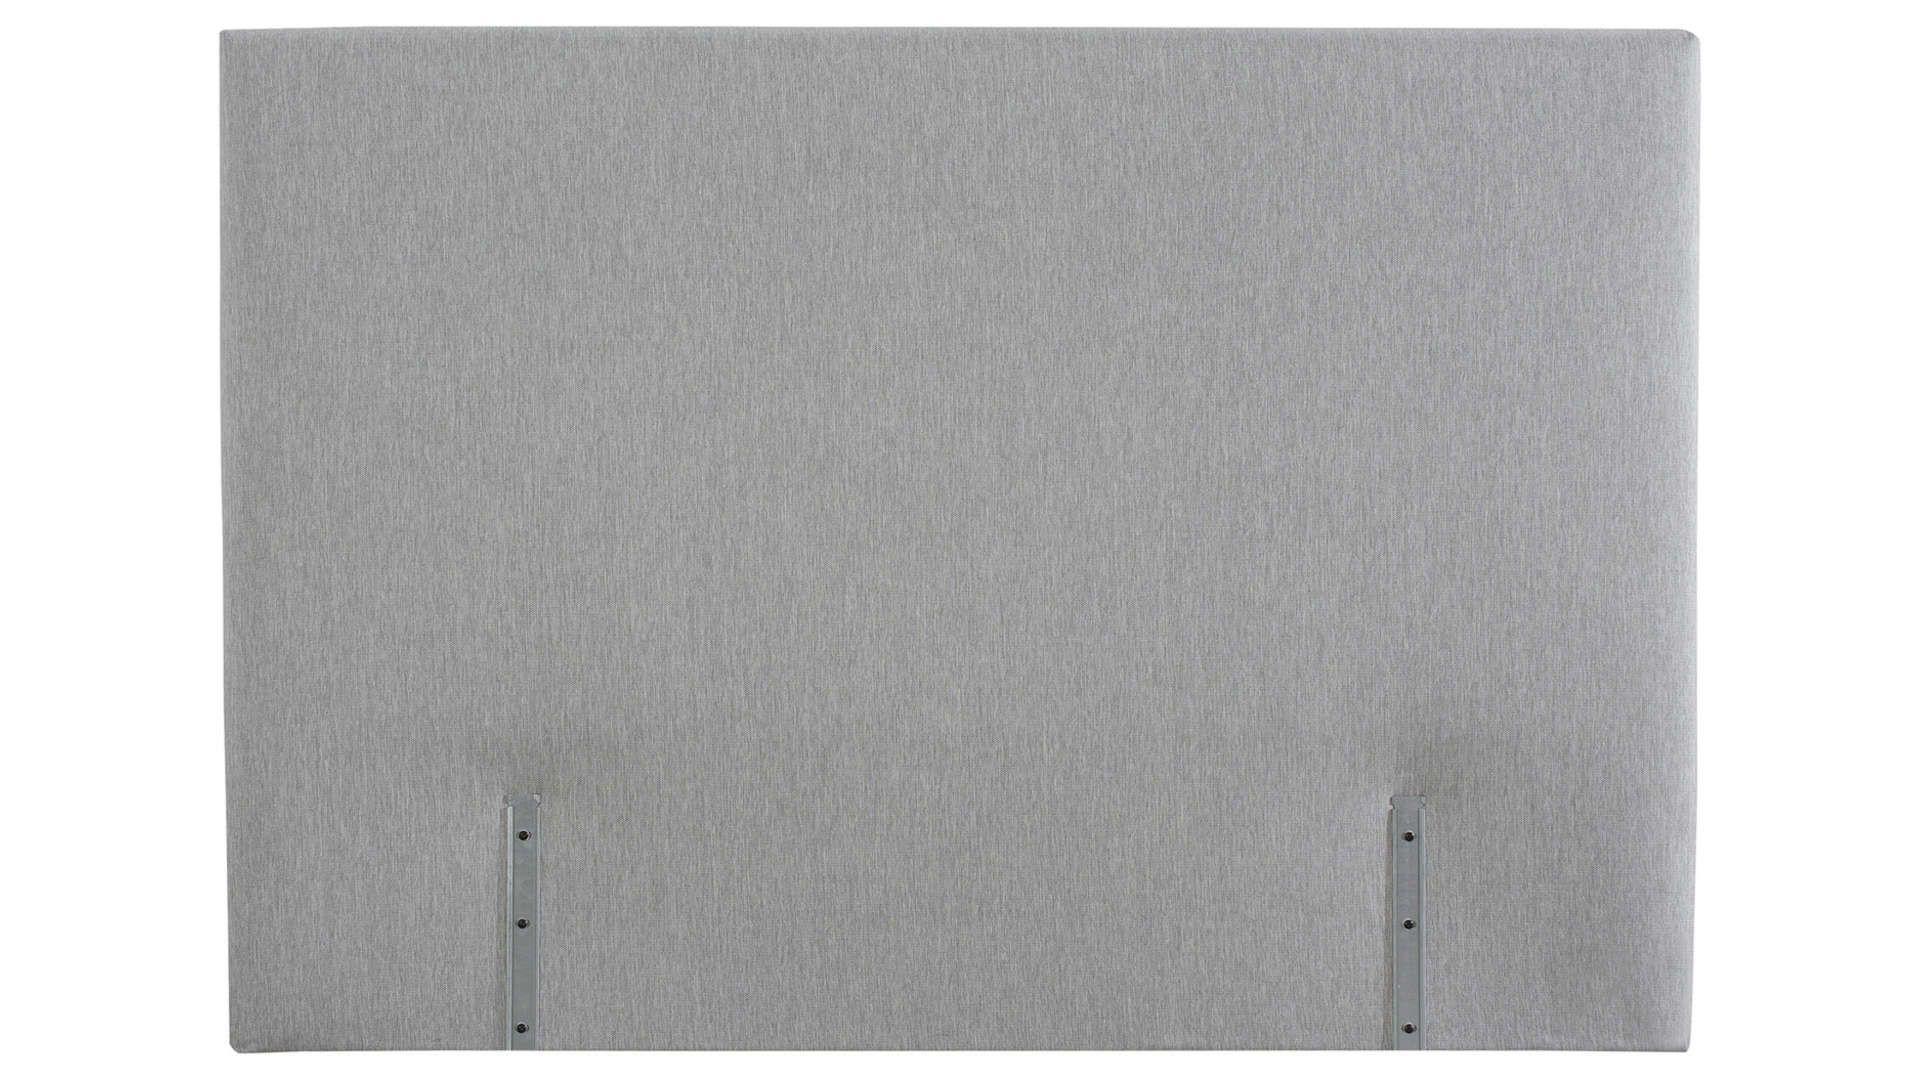 Tete De Lit 140 Cm Simmons Supreme En 2020 Avec Images Tete De Lit Lit 140 Deco Gris